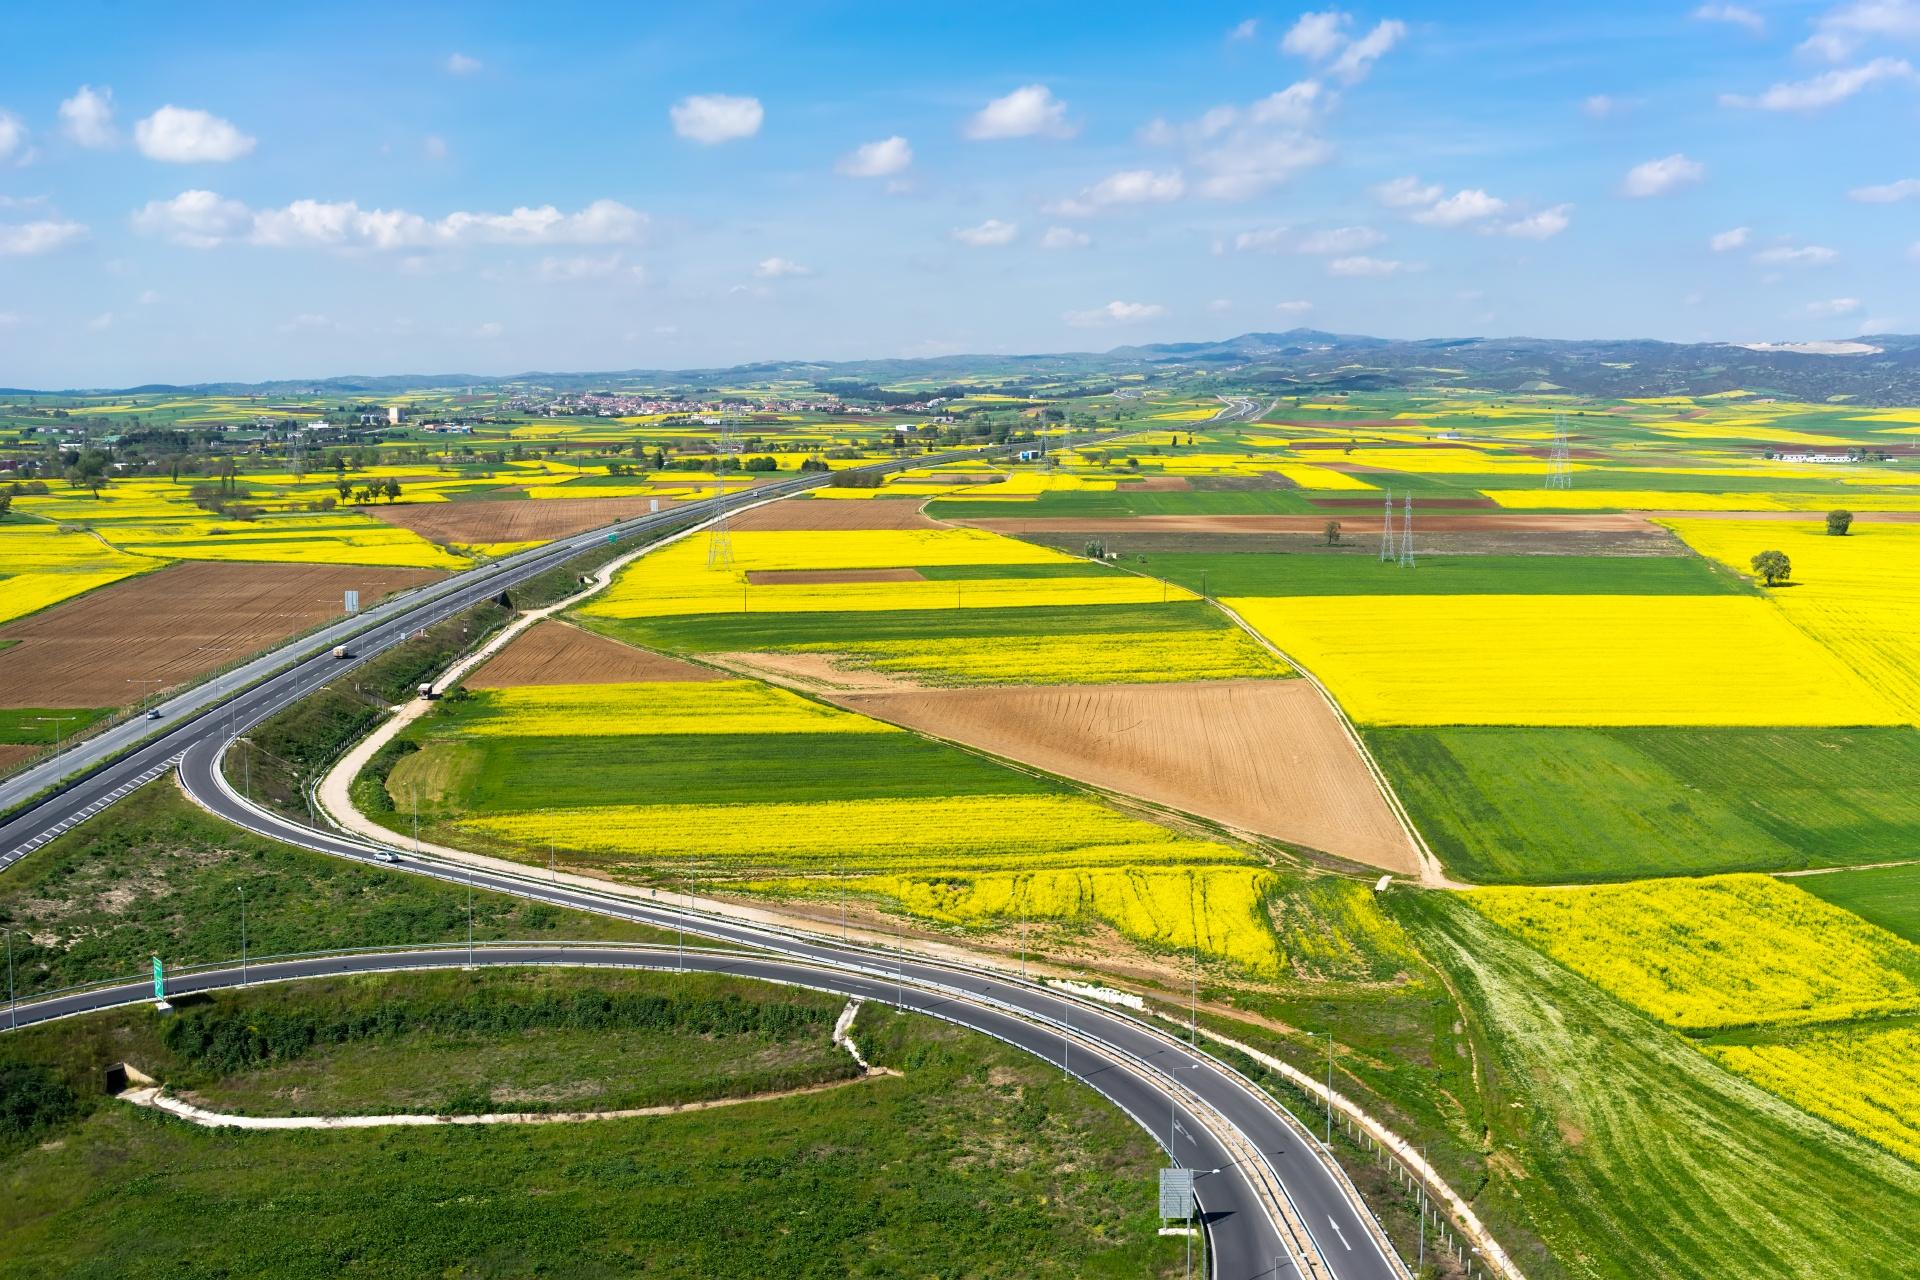 ギリシャ北部の田園風景 菜の花と道 ギリシャの風景